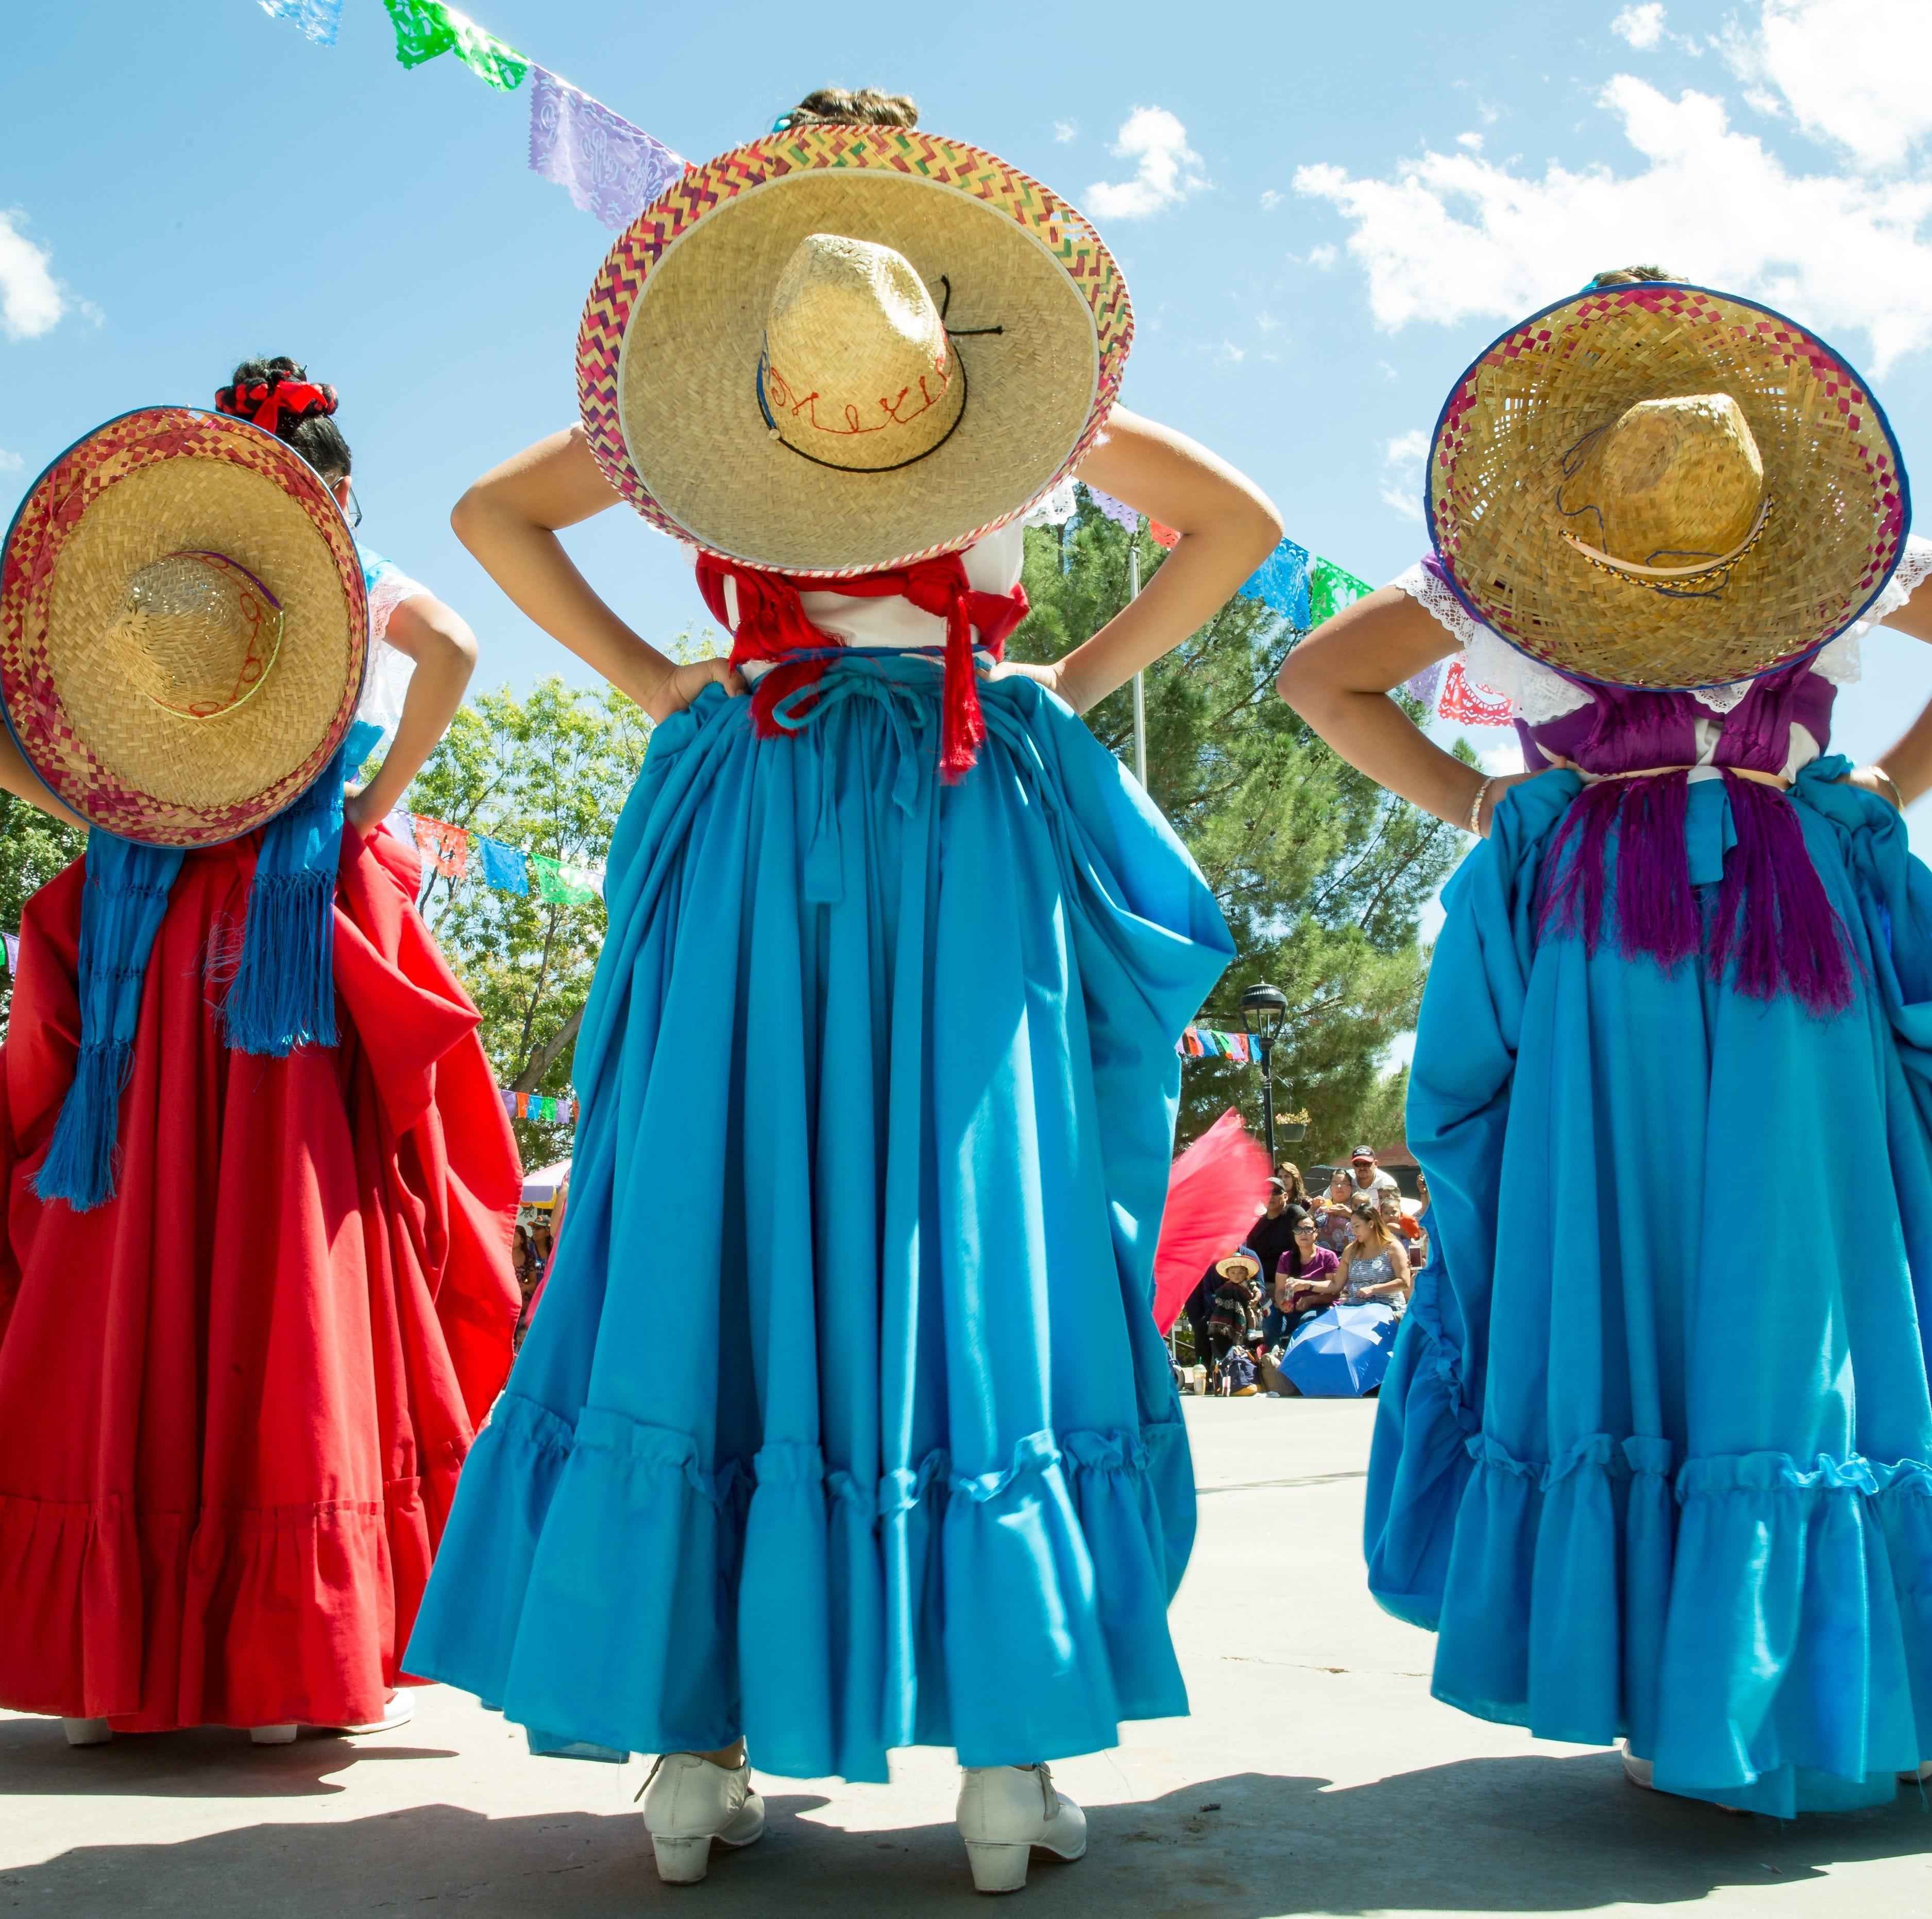 Celebrate Mexican culture, heritage at Diez y Seis de Septiembre Fiesta